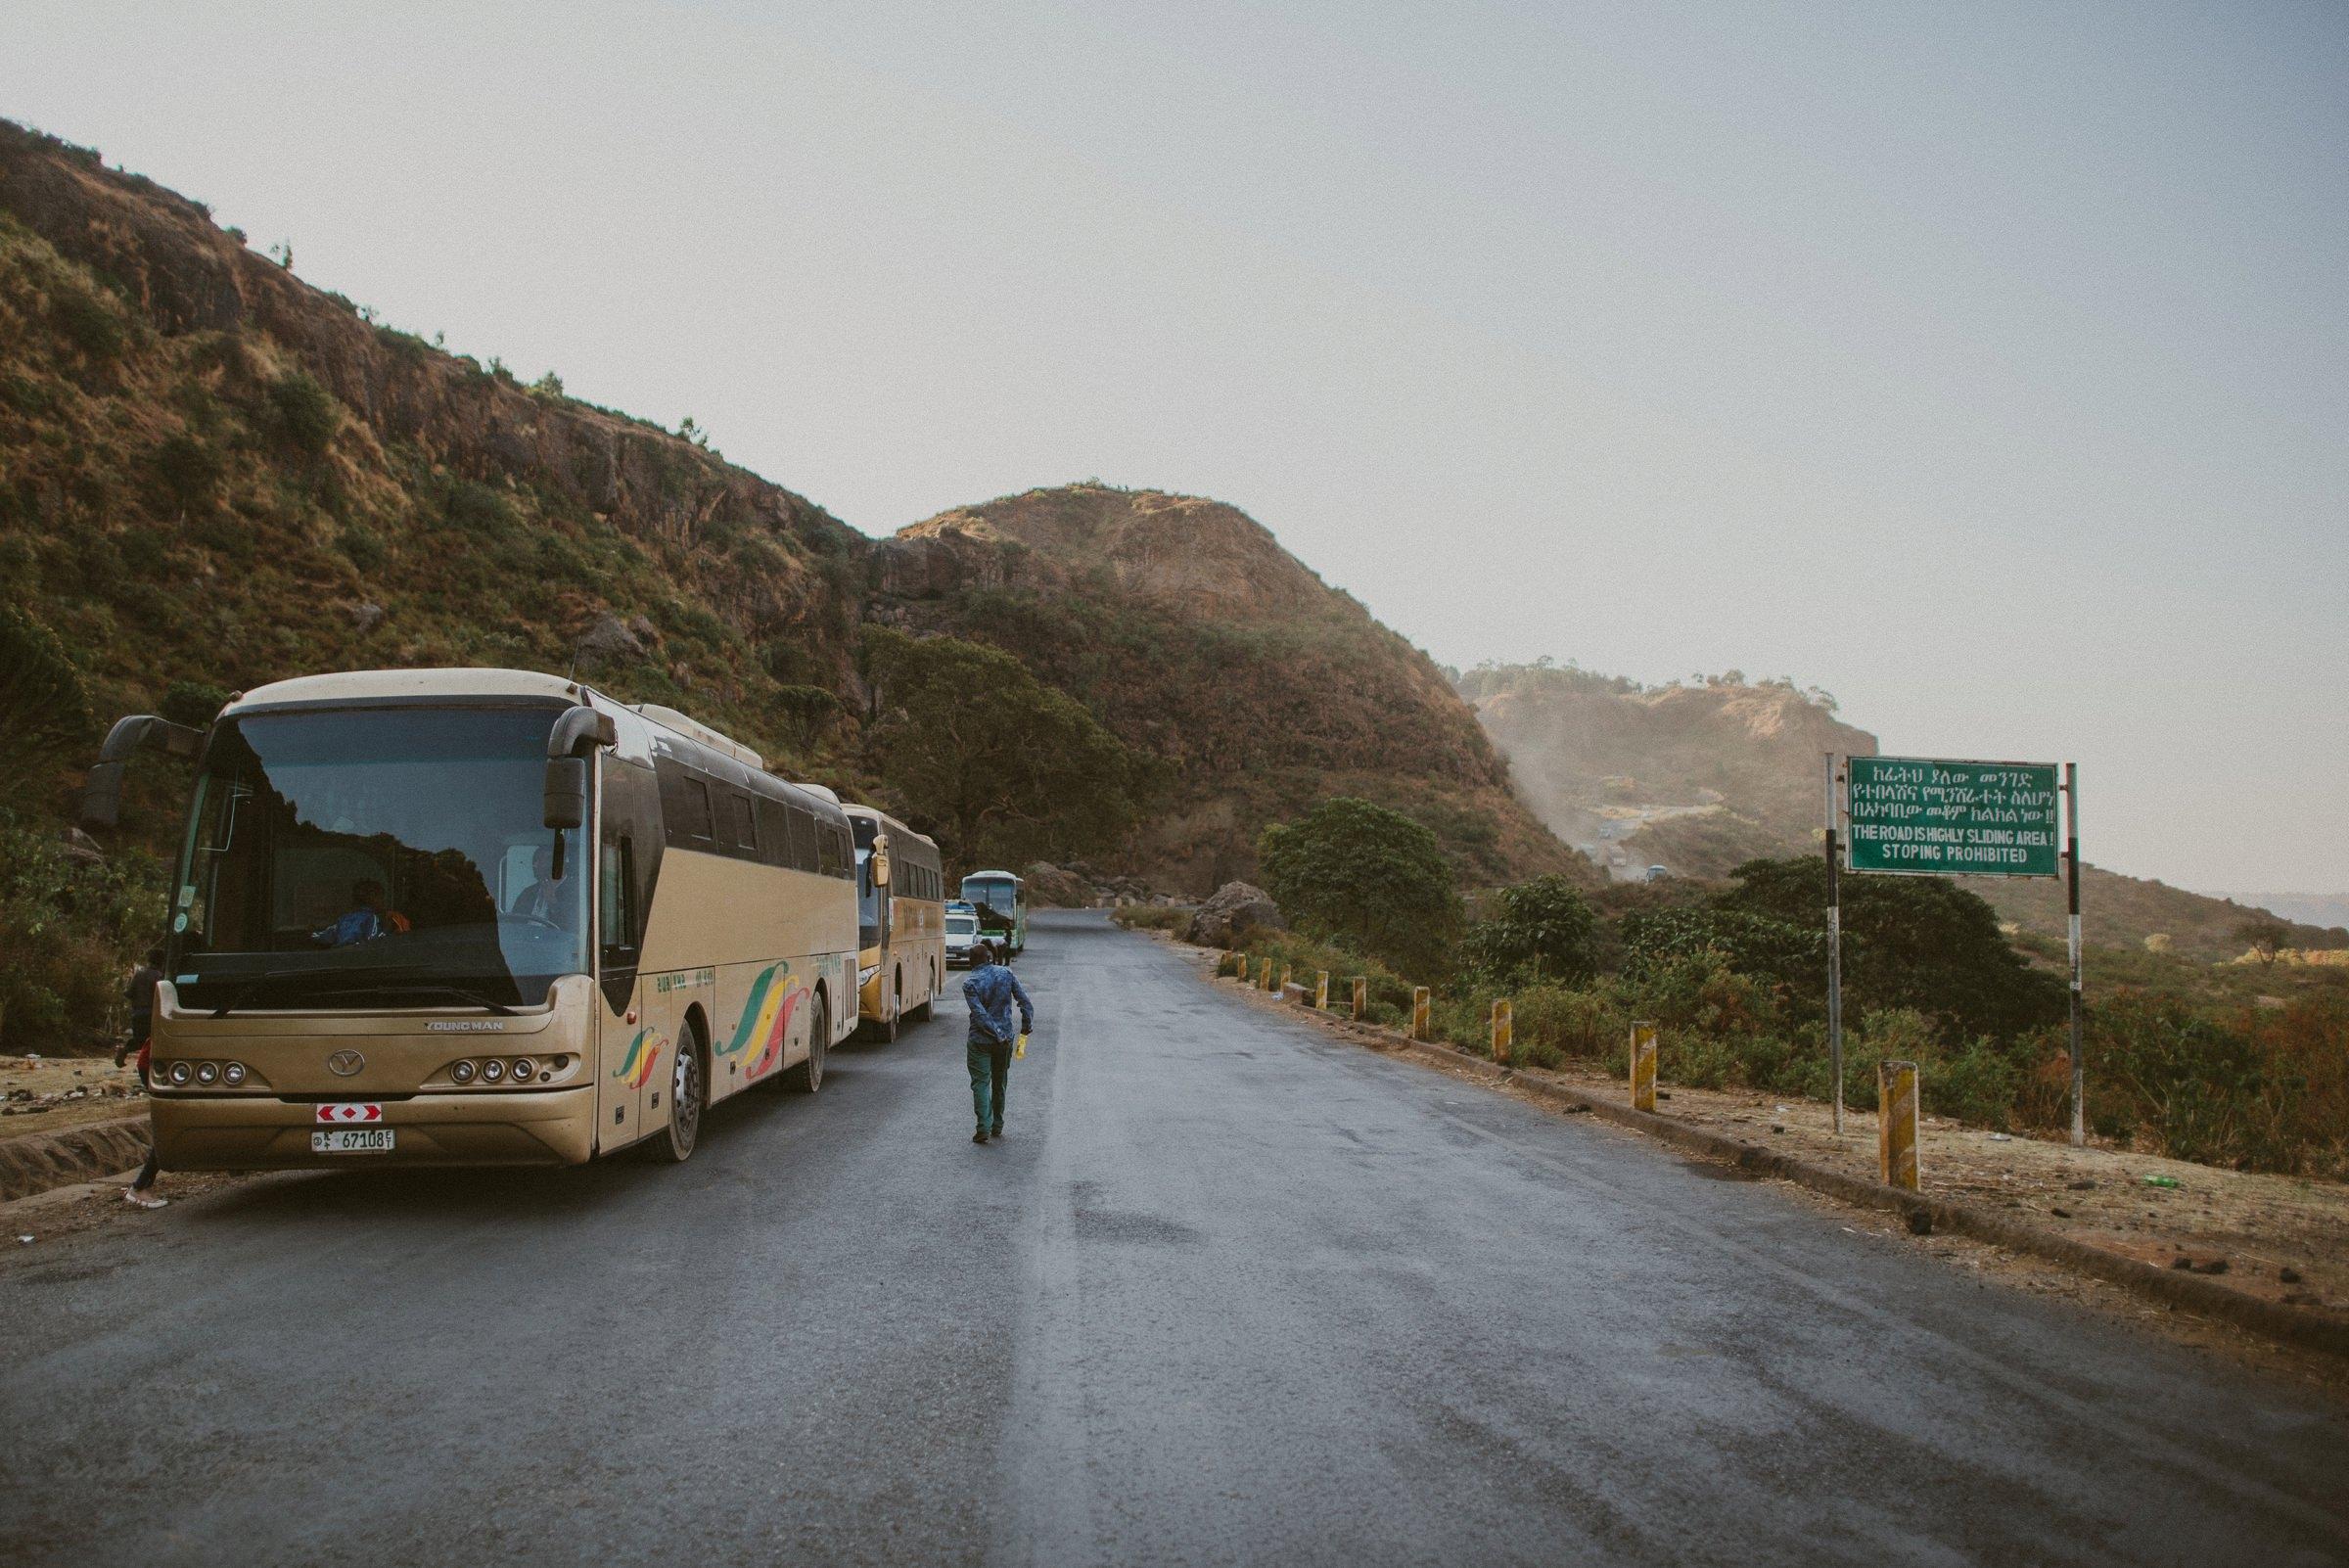 Reisebus, Straße, Afrika, Buspanne, Äthiopien